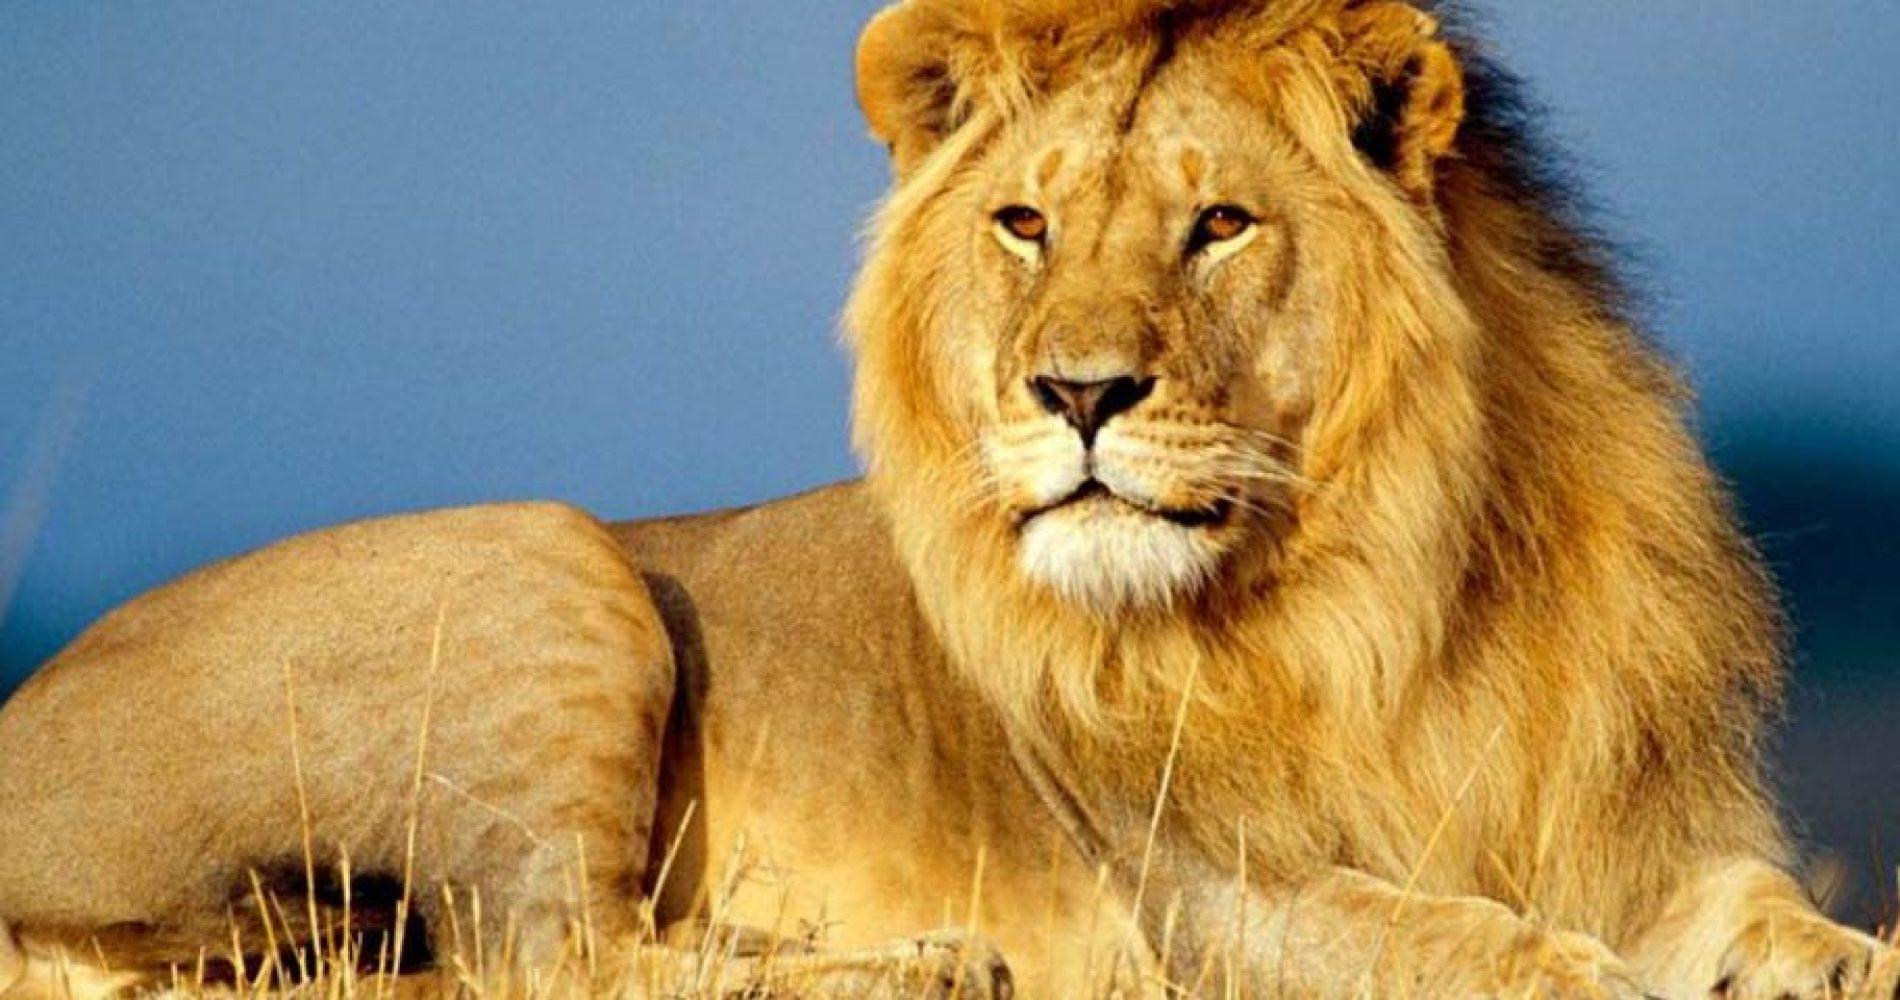 Leone-africano-1200x480-1.jpg